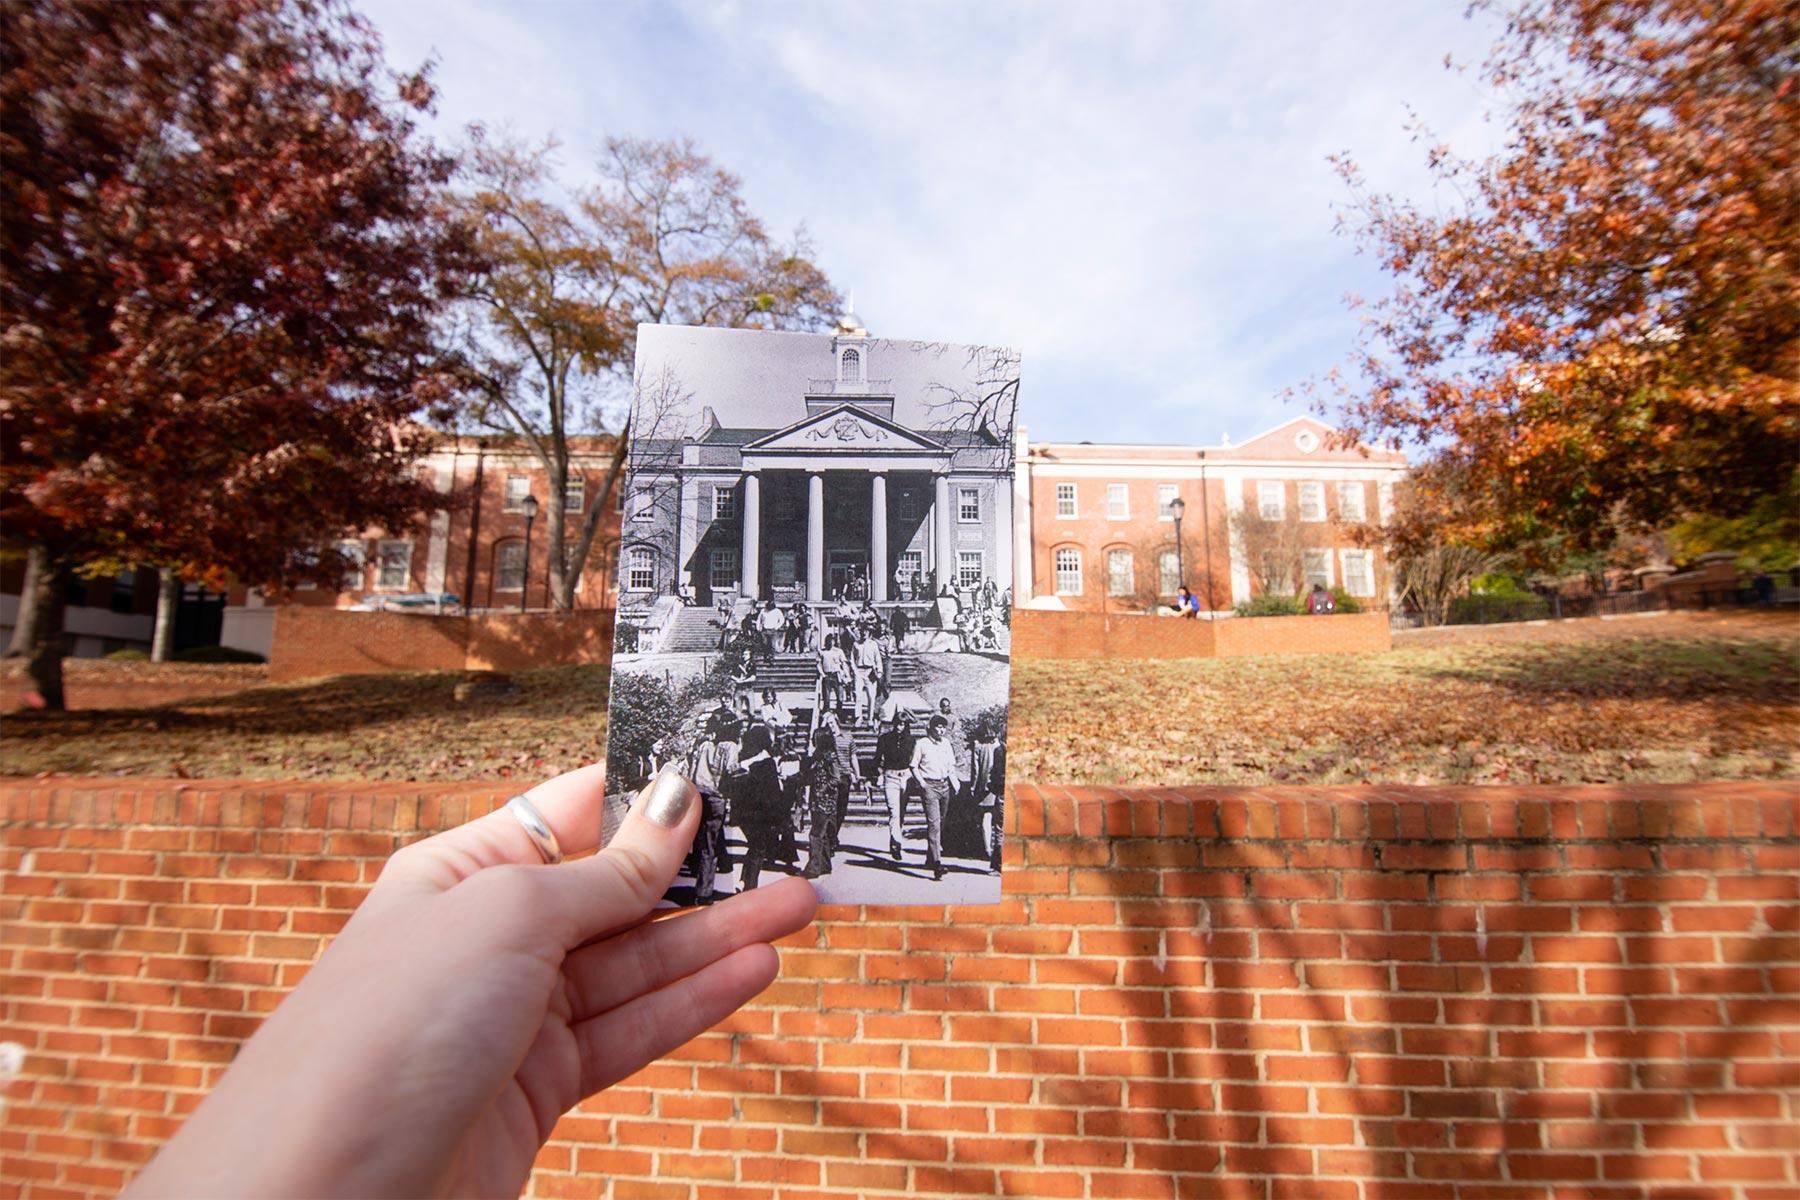 Park Hall photo overlay